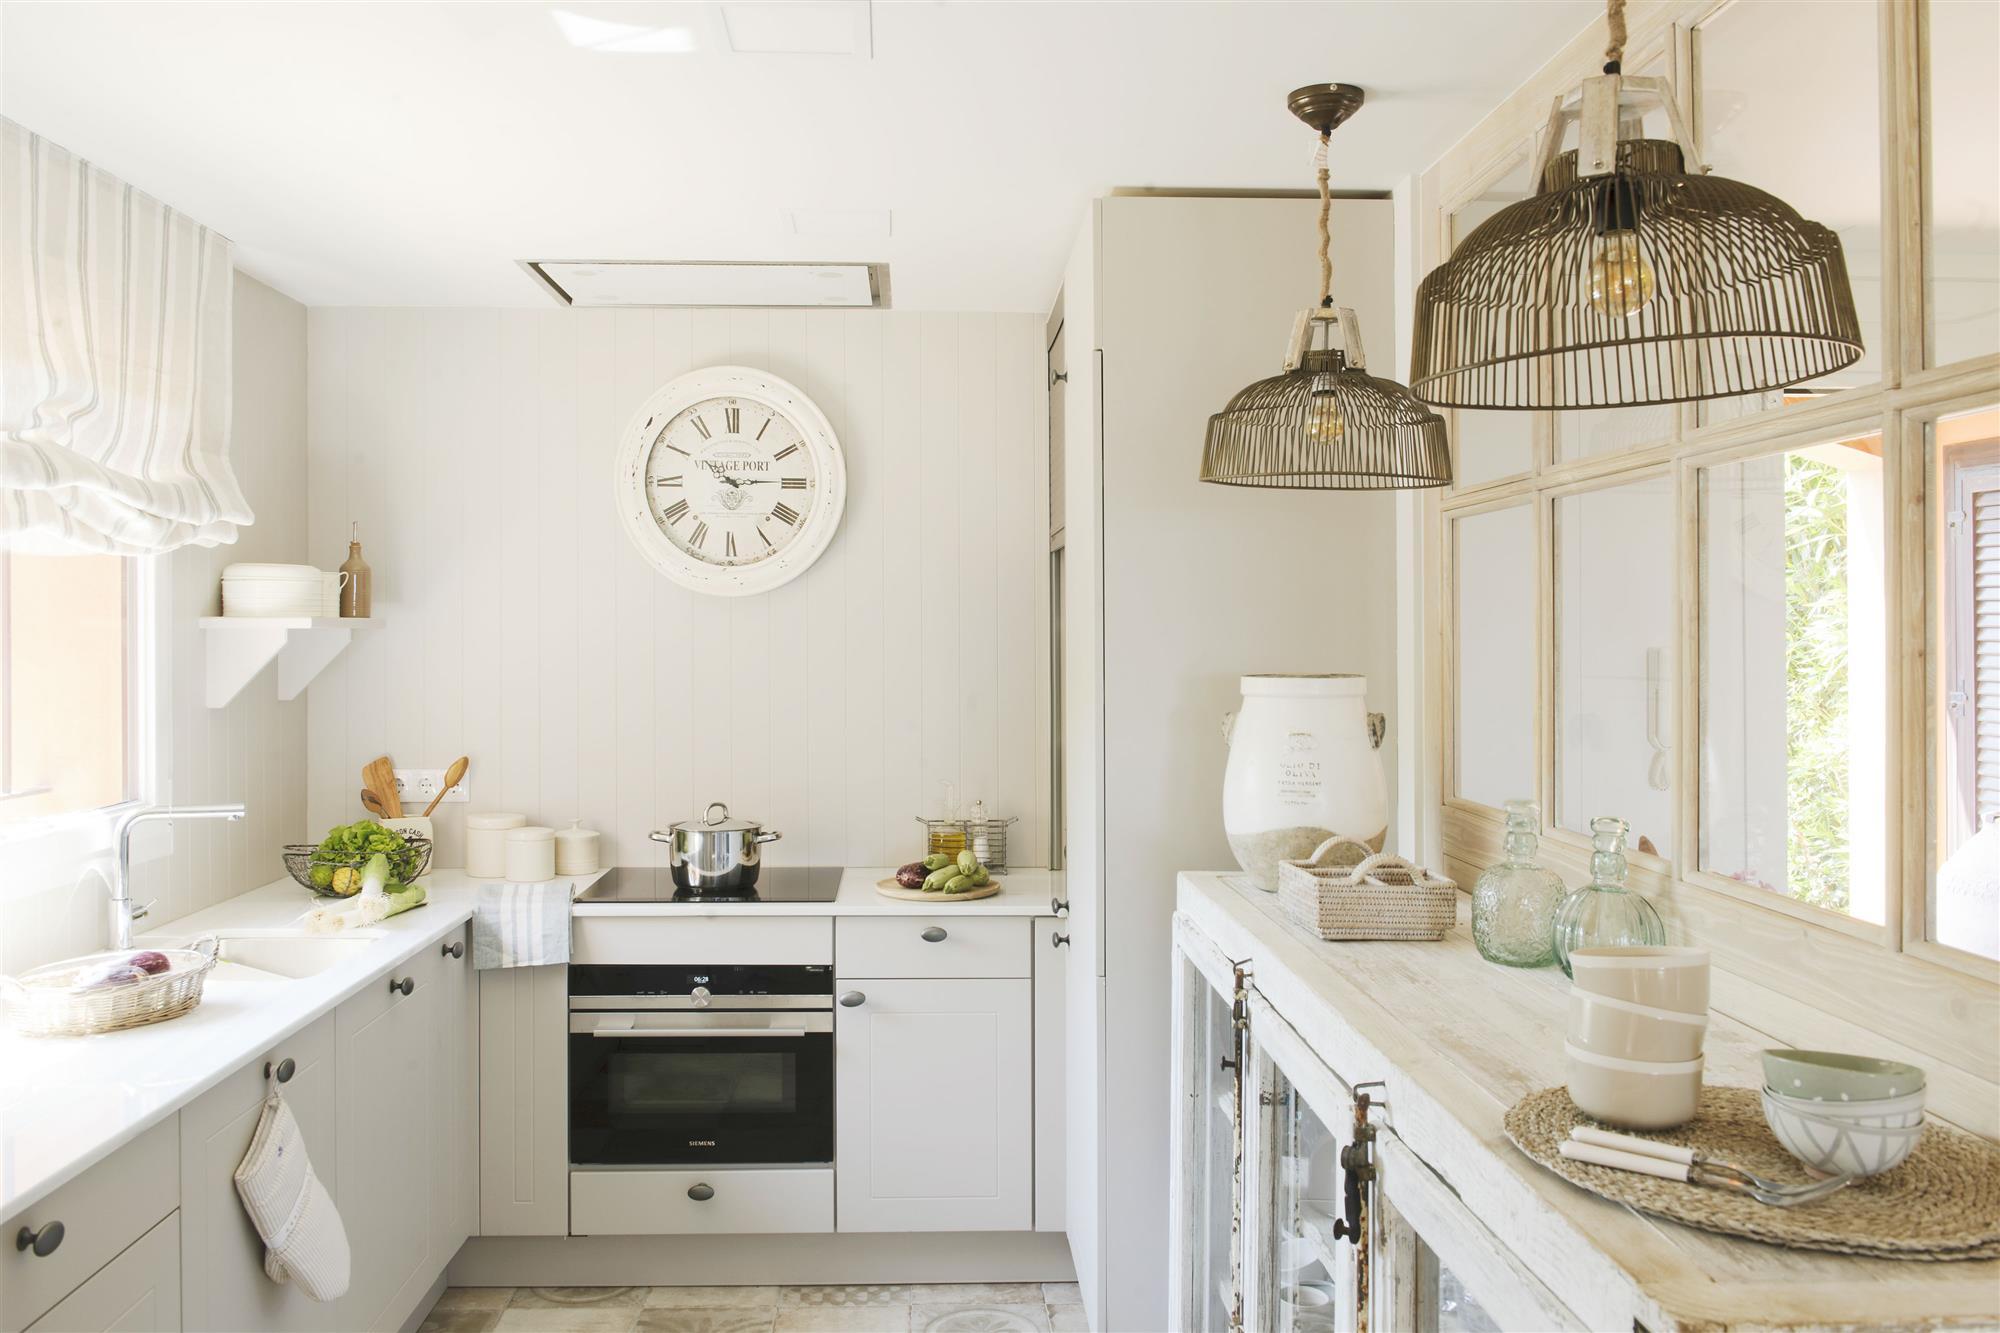 739 fotos de muebles de cocina - Lamparas para cocinas ...